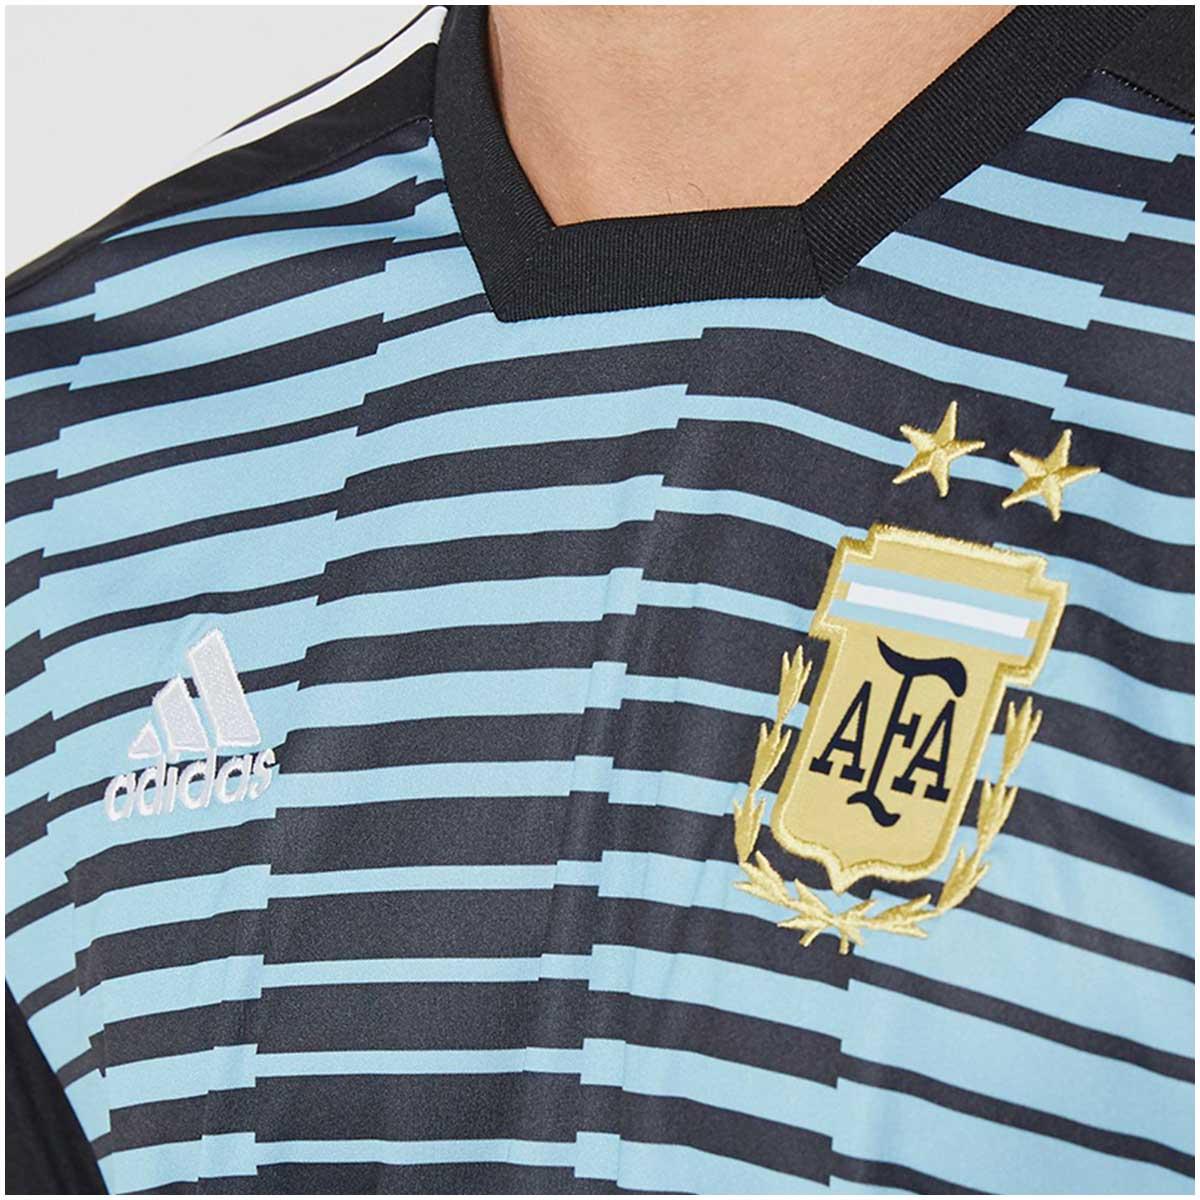 Camisa Argentina Pré Jogo Adidas 2018 8e7d410053f53